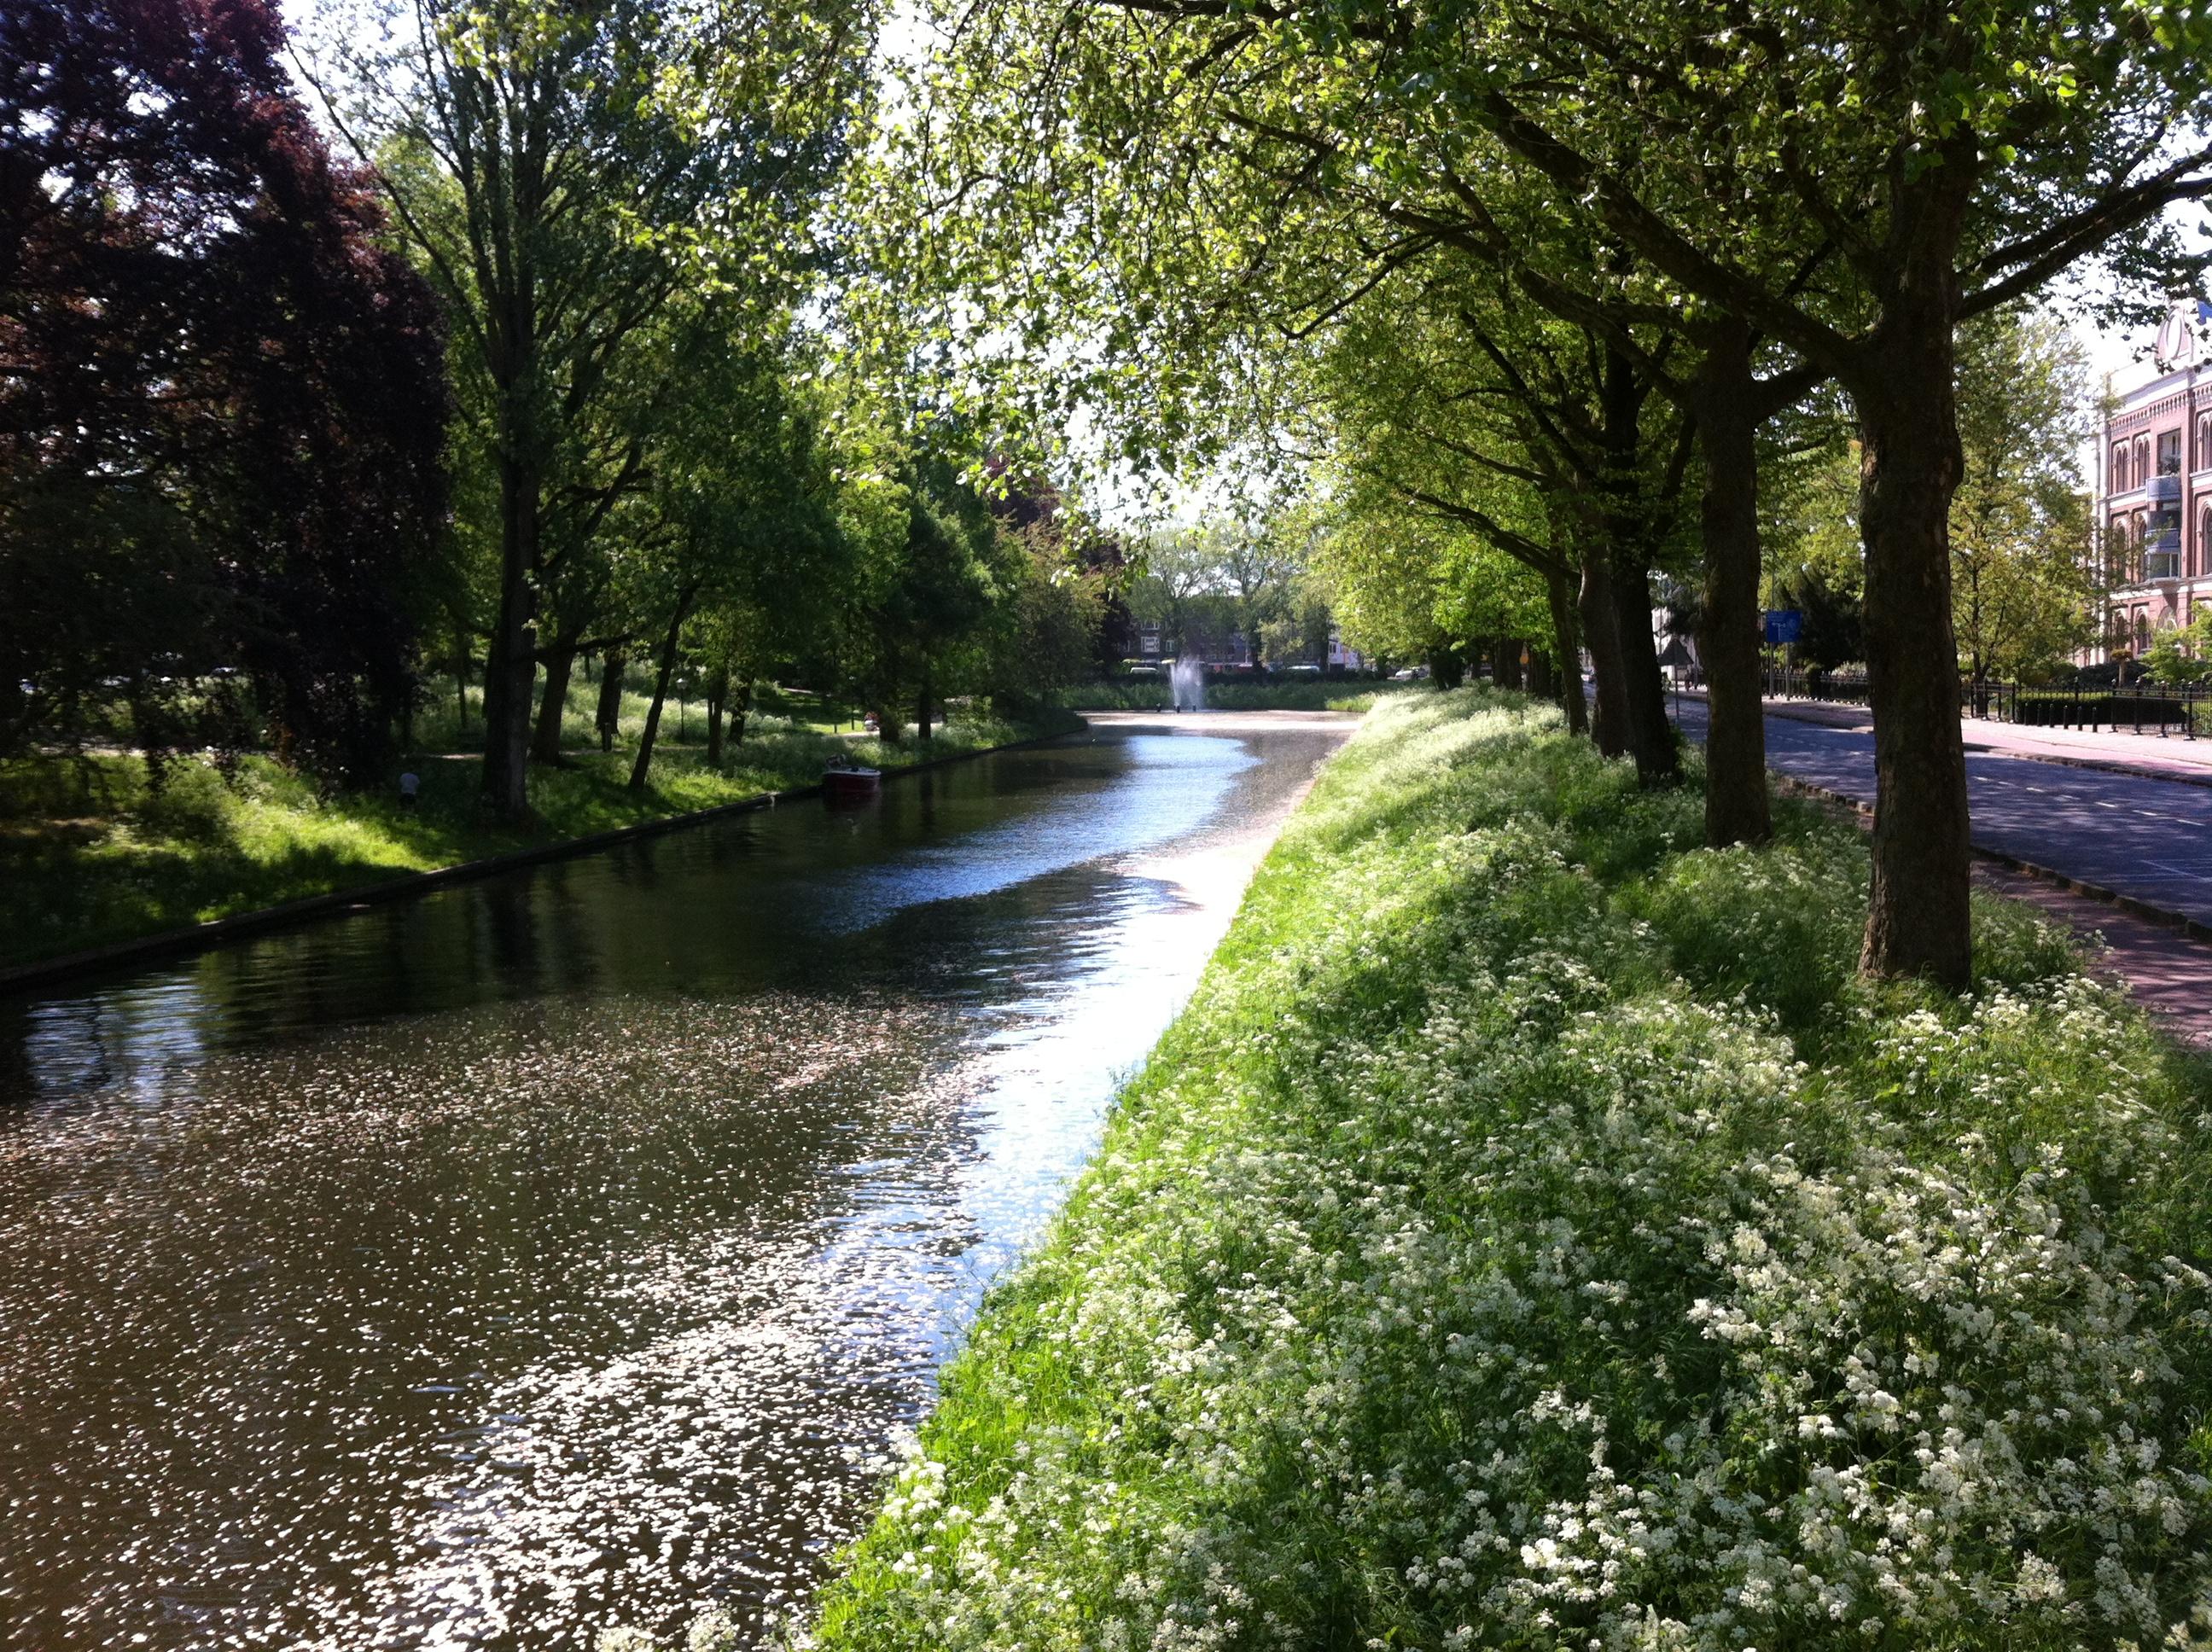 Yvonderweg - Groeien doe je elke dag - Groene bomen langs de gracht in Utrecht